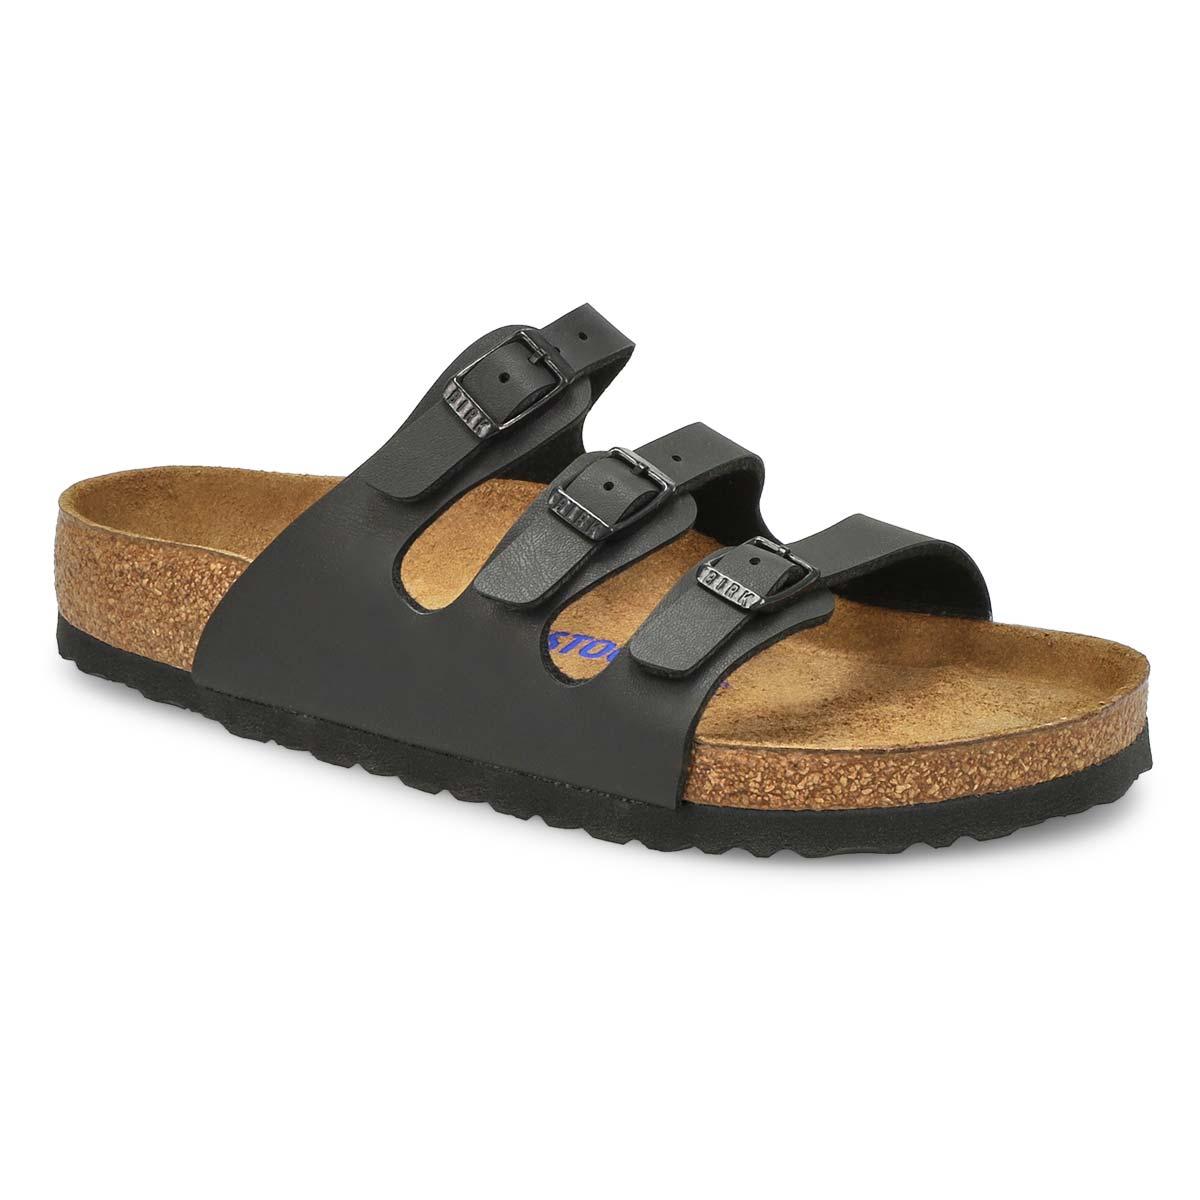 Women's FLORIDA black BF 3 strap sandal SF